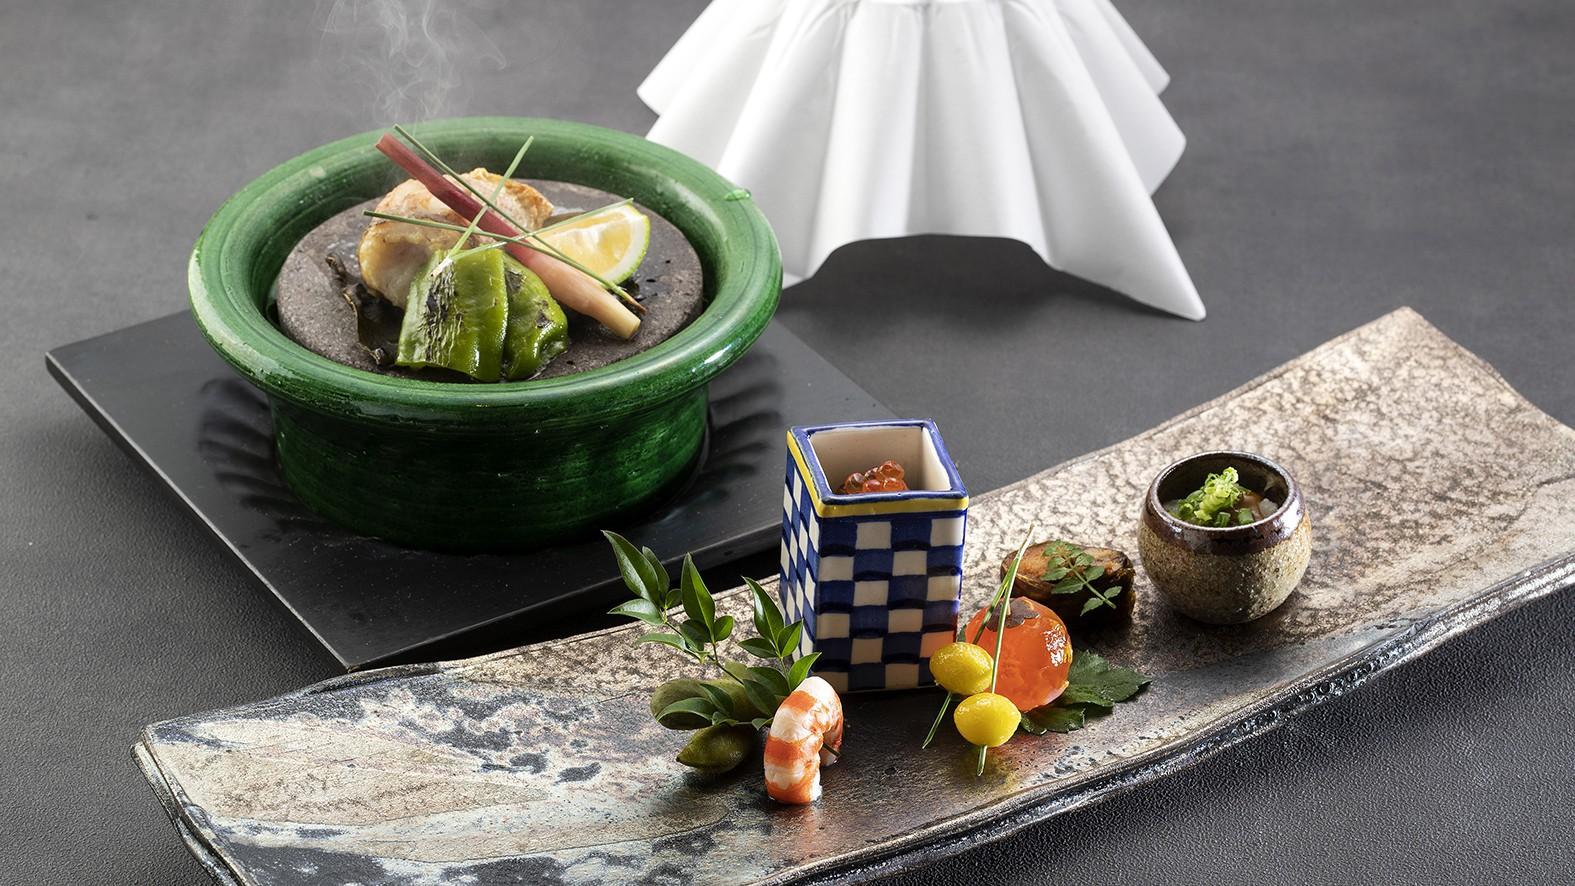 日本料理「呉竹」 会席料理(イメージ)